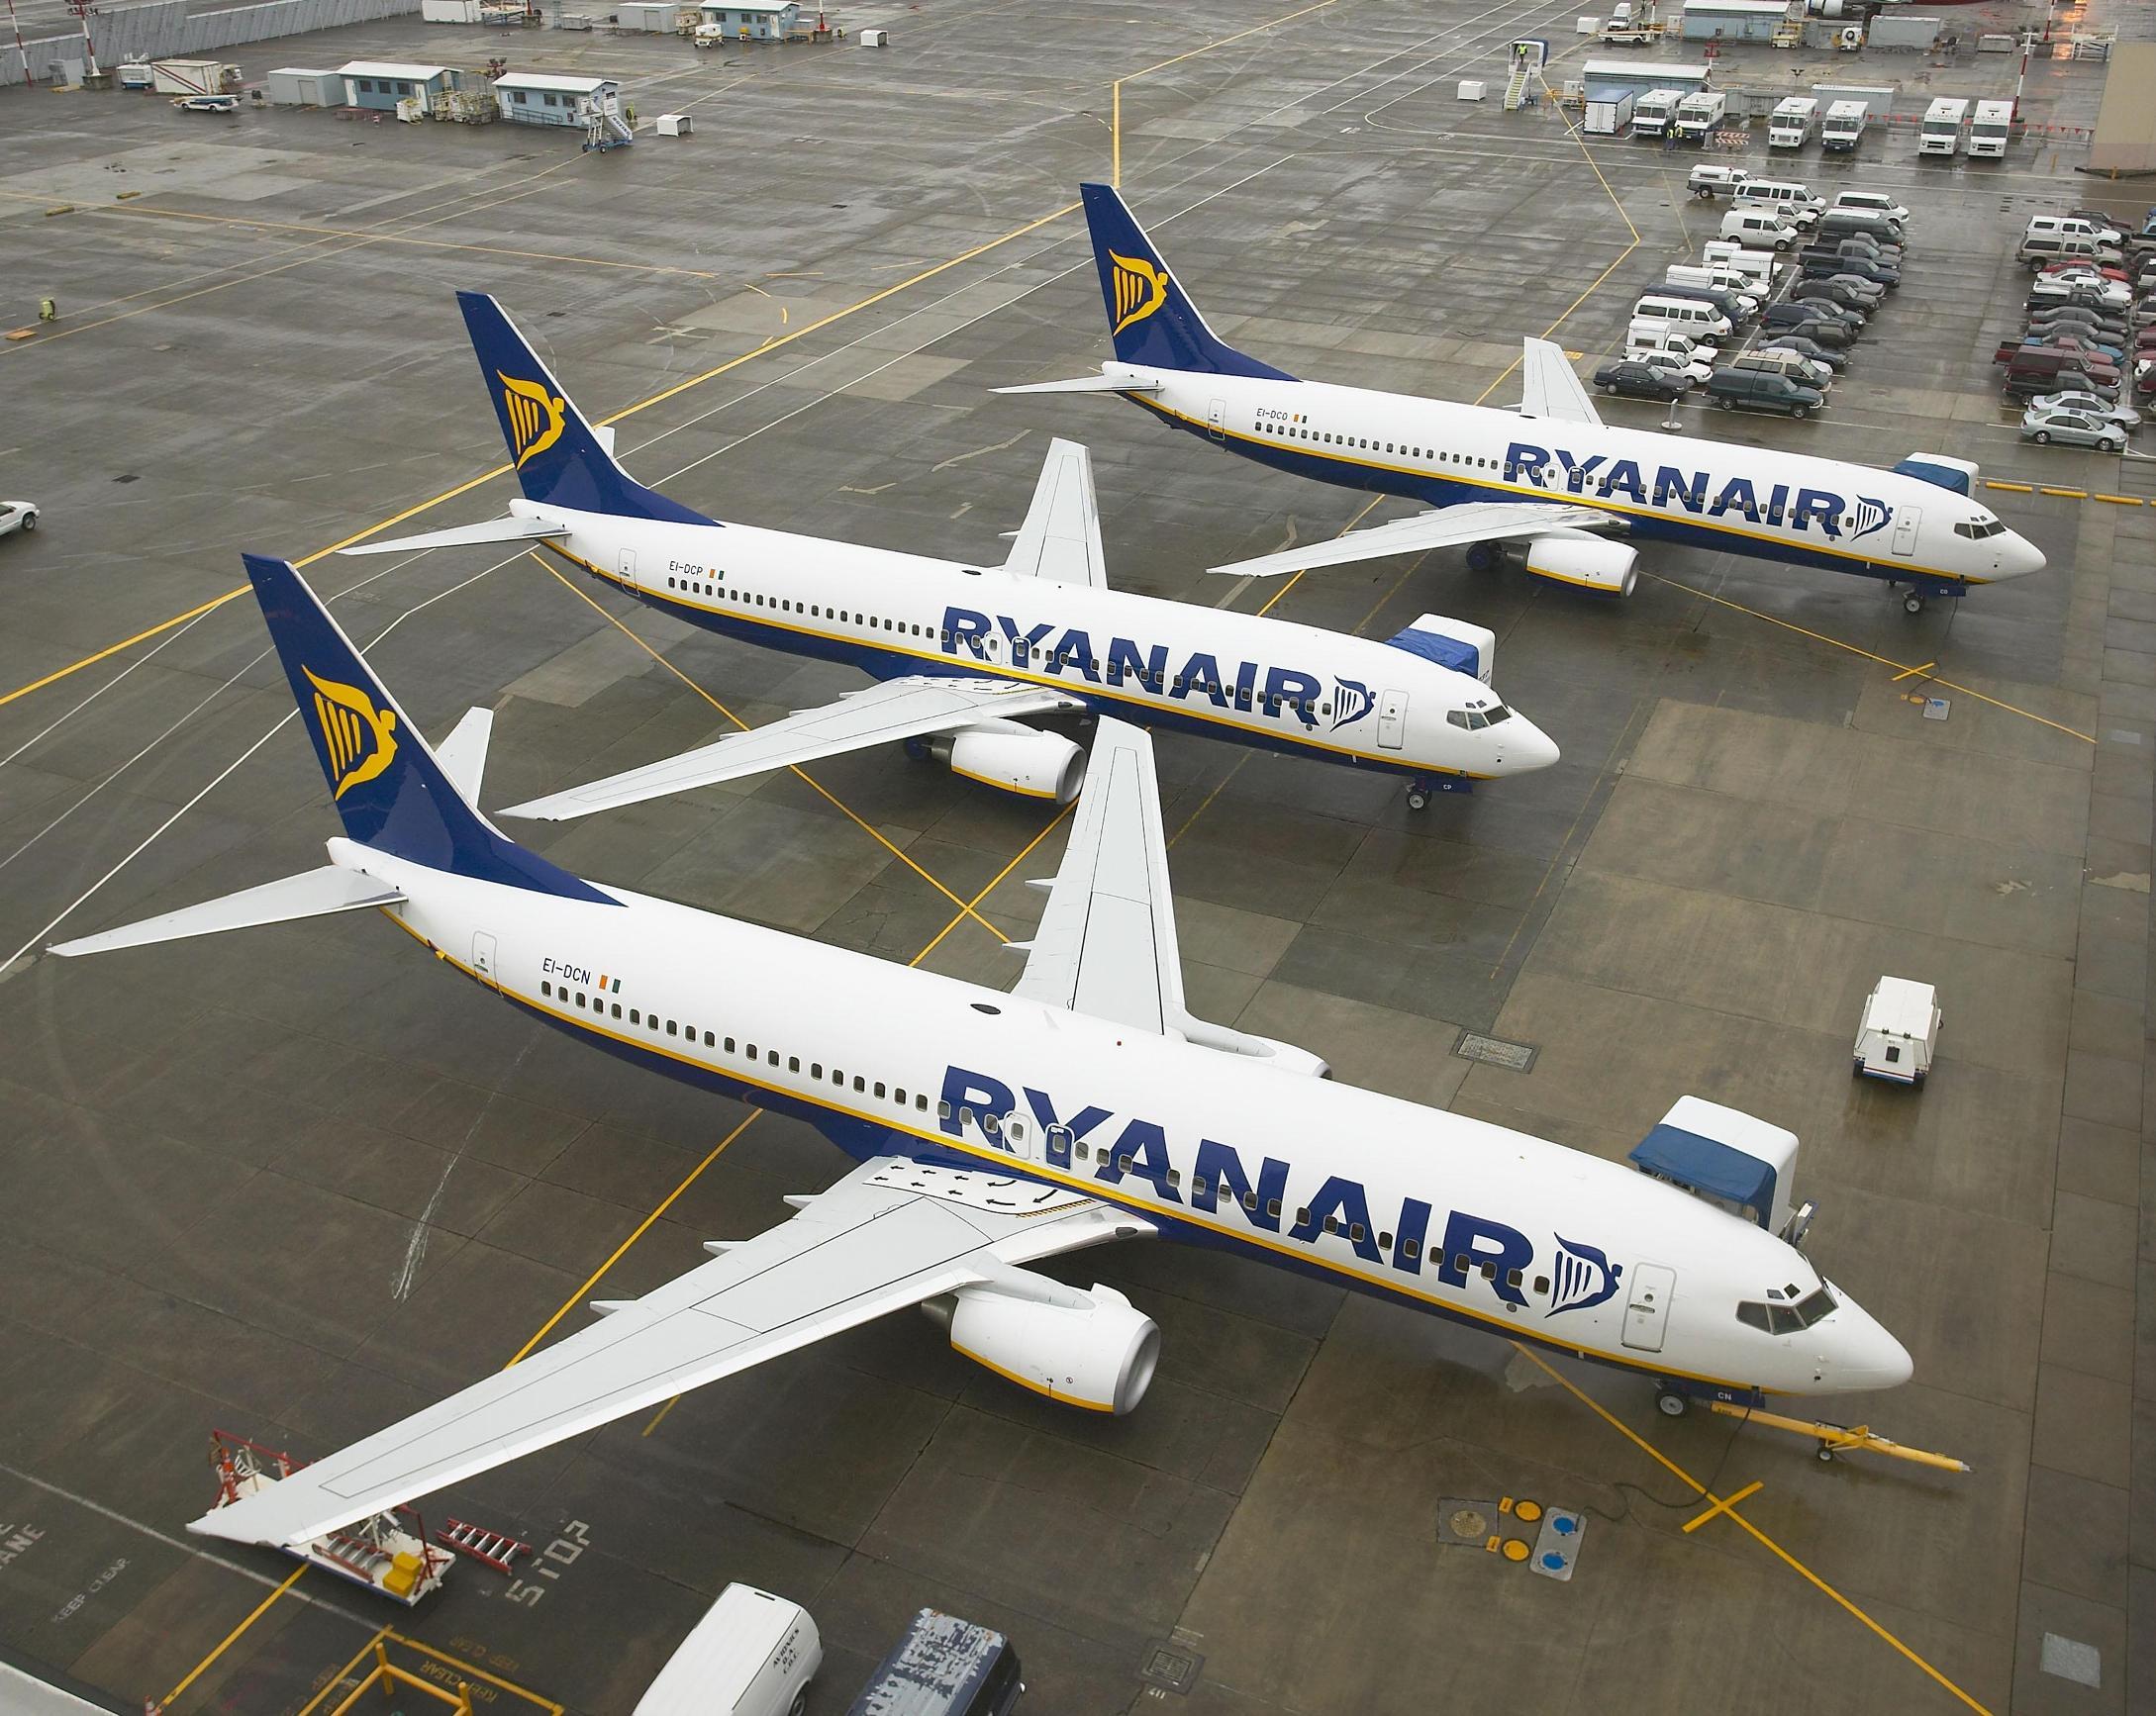 Ryanair_Boeing 737_EI-DCN_EI-DCP_EI-DCO